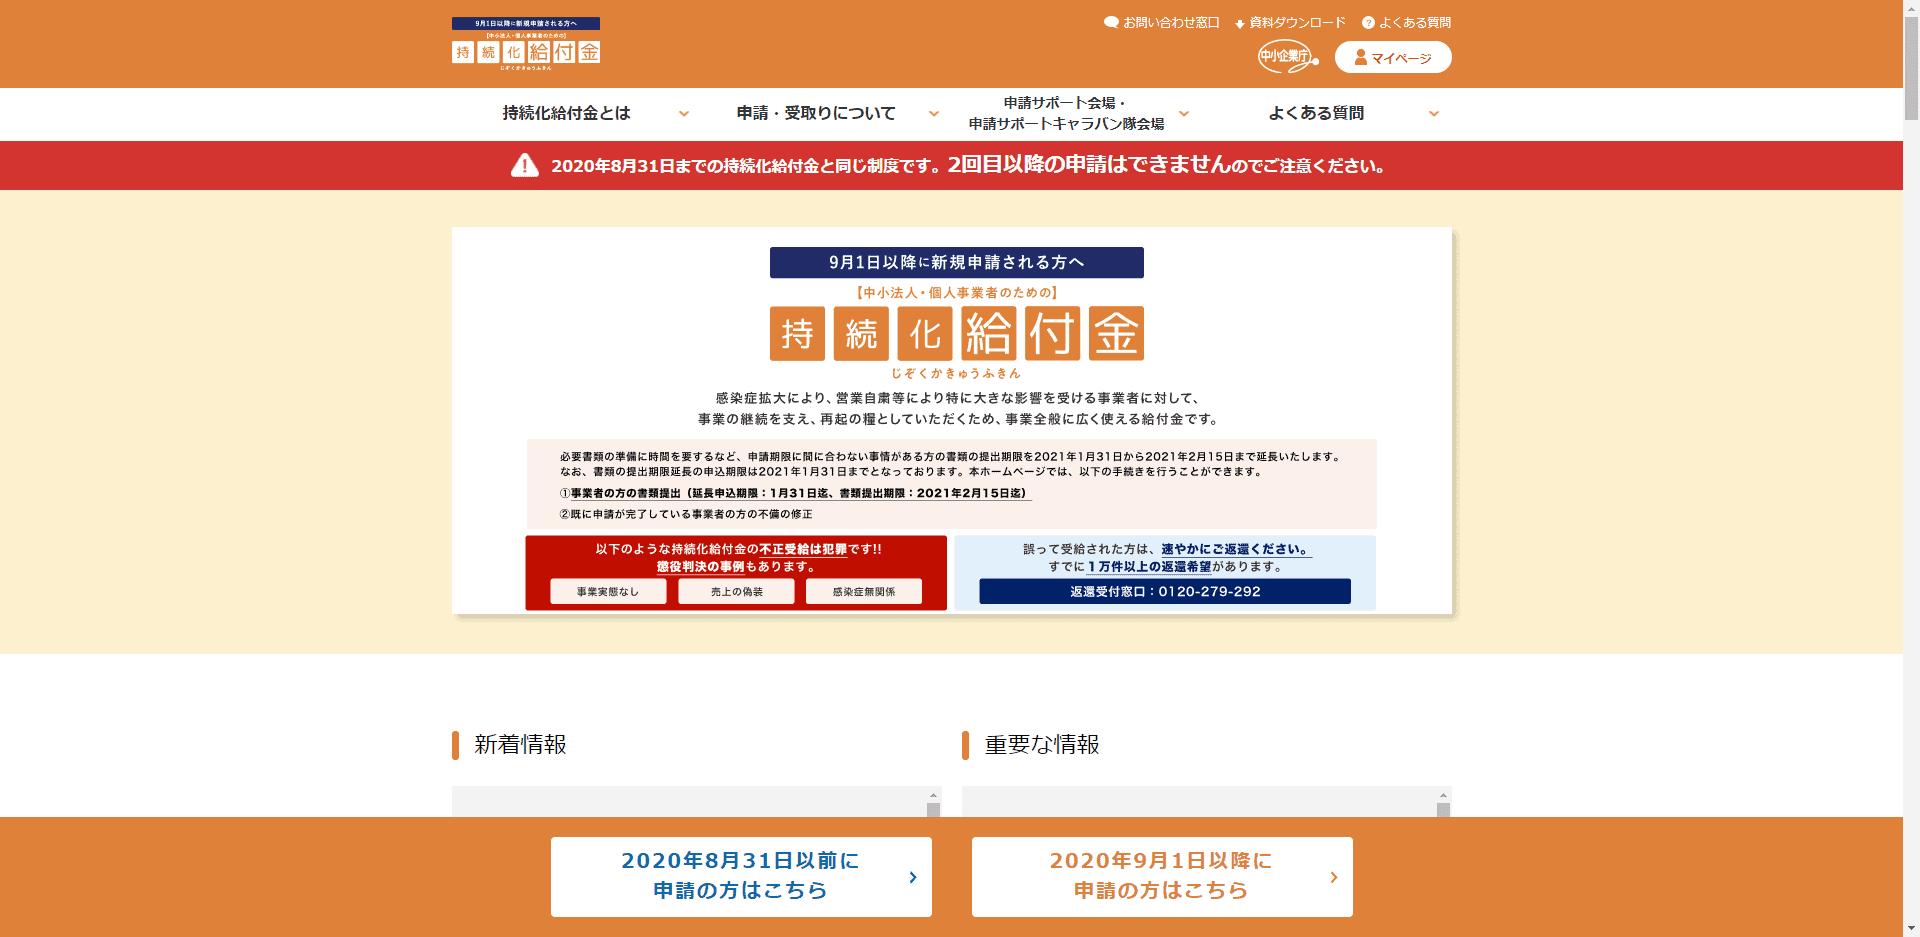 持続化給付金のWebサイトのキャプチャ